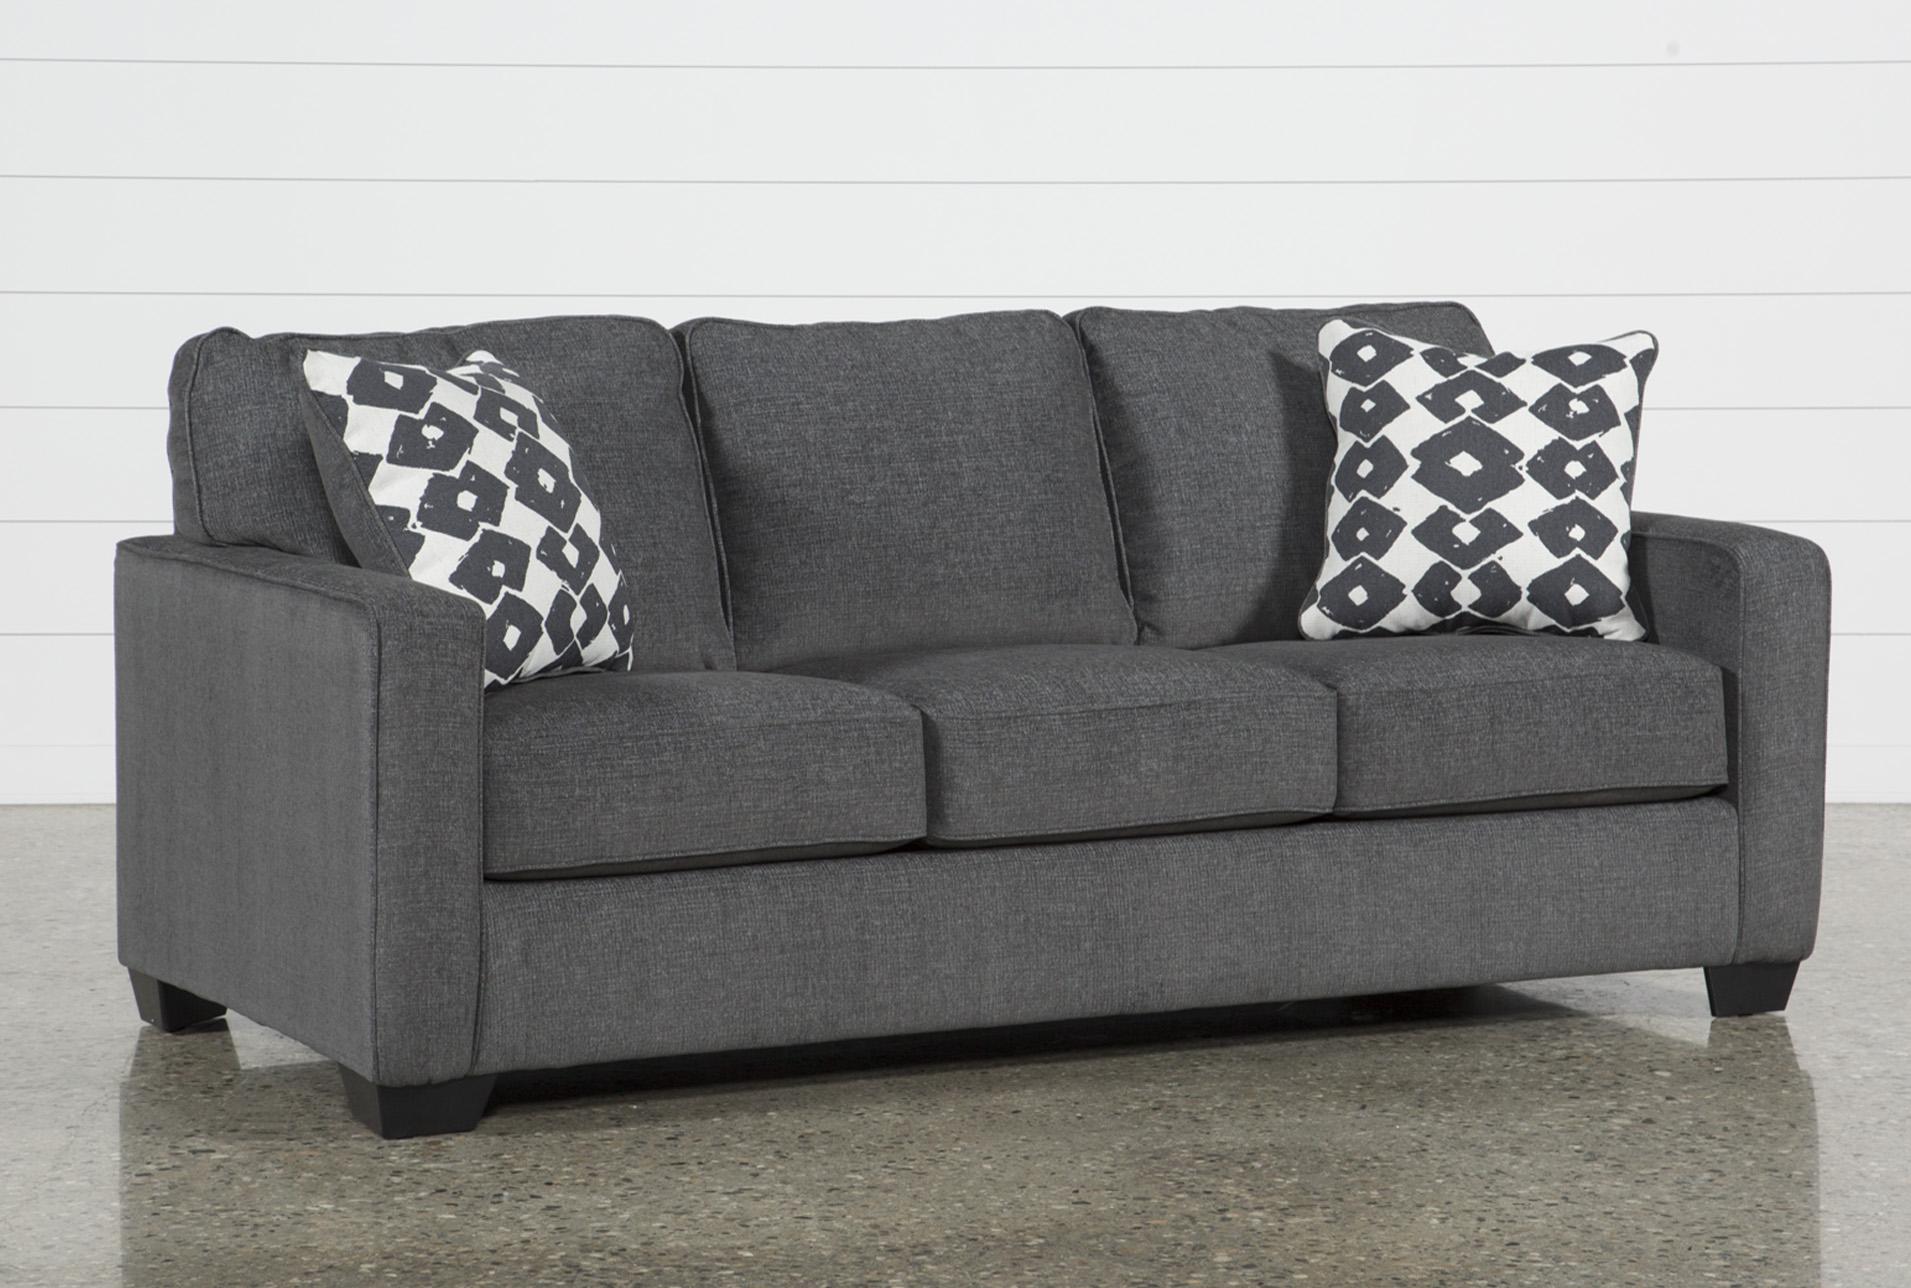 Luxurious Queen Sofa Bed